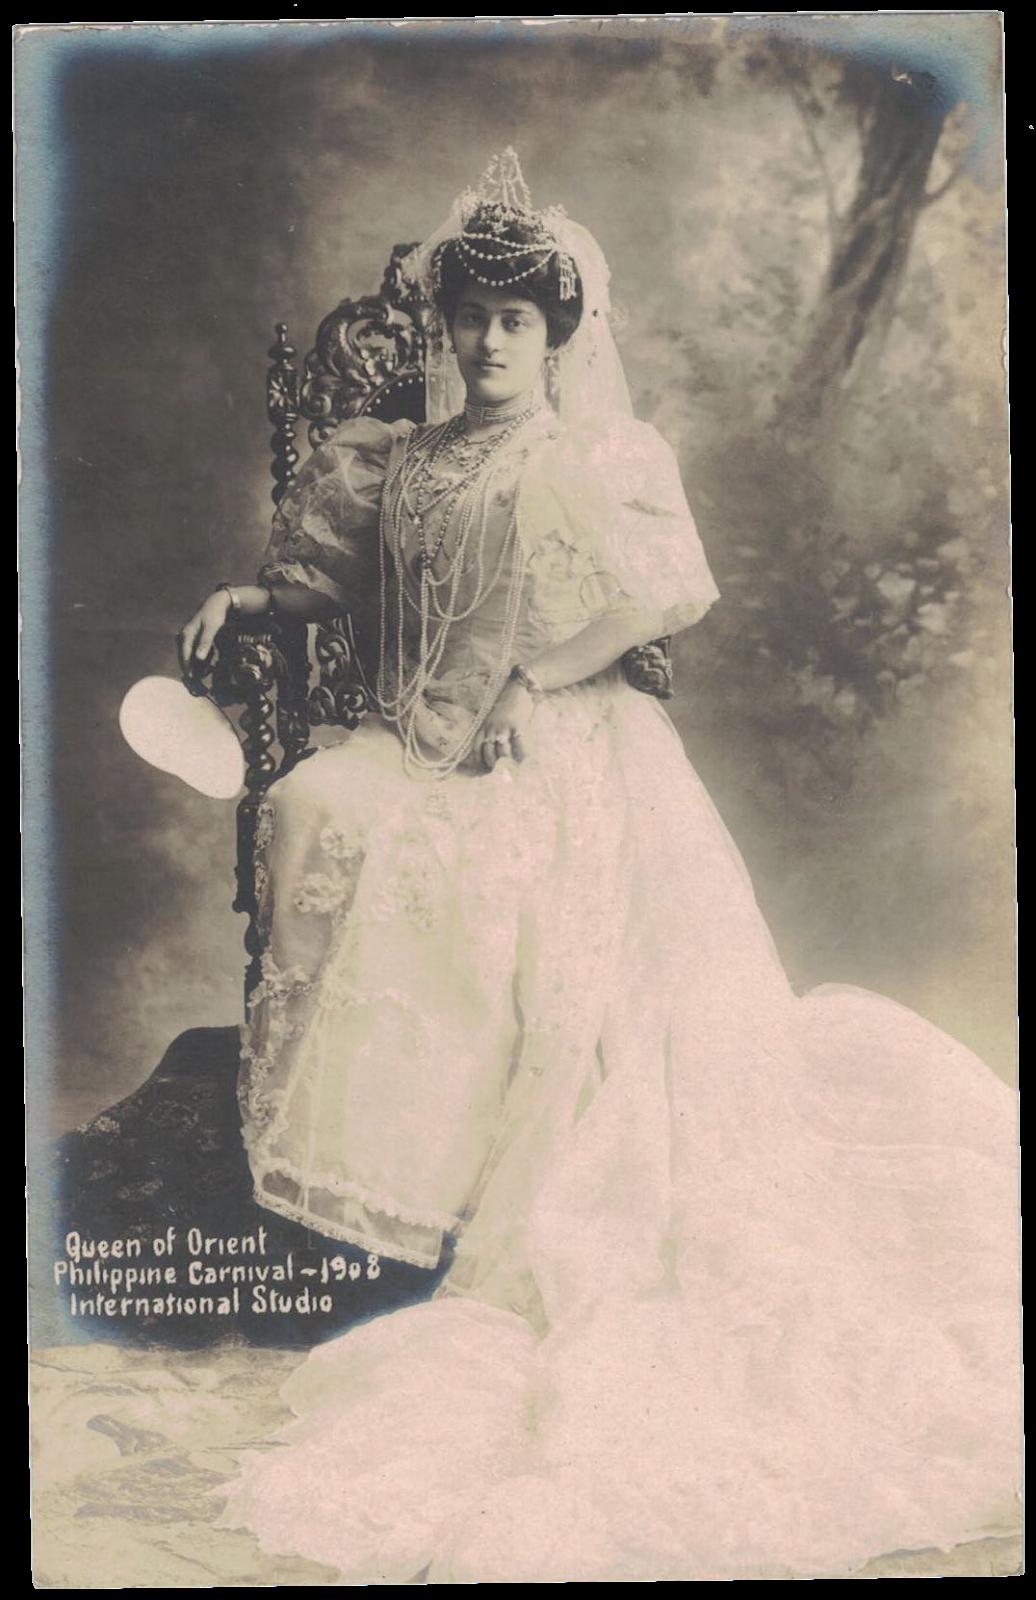 1908 Queen of the Orient, Pura Villanueva Kalaw.png